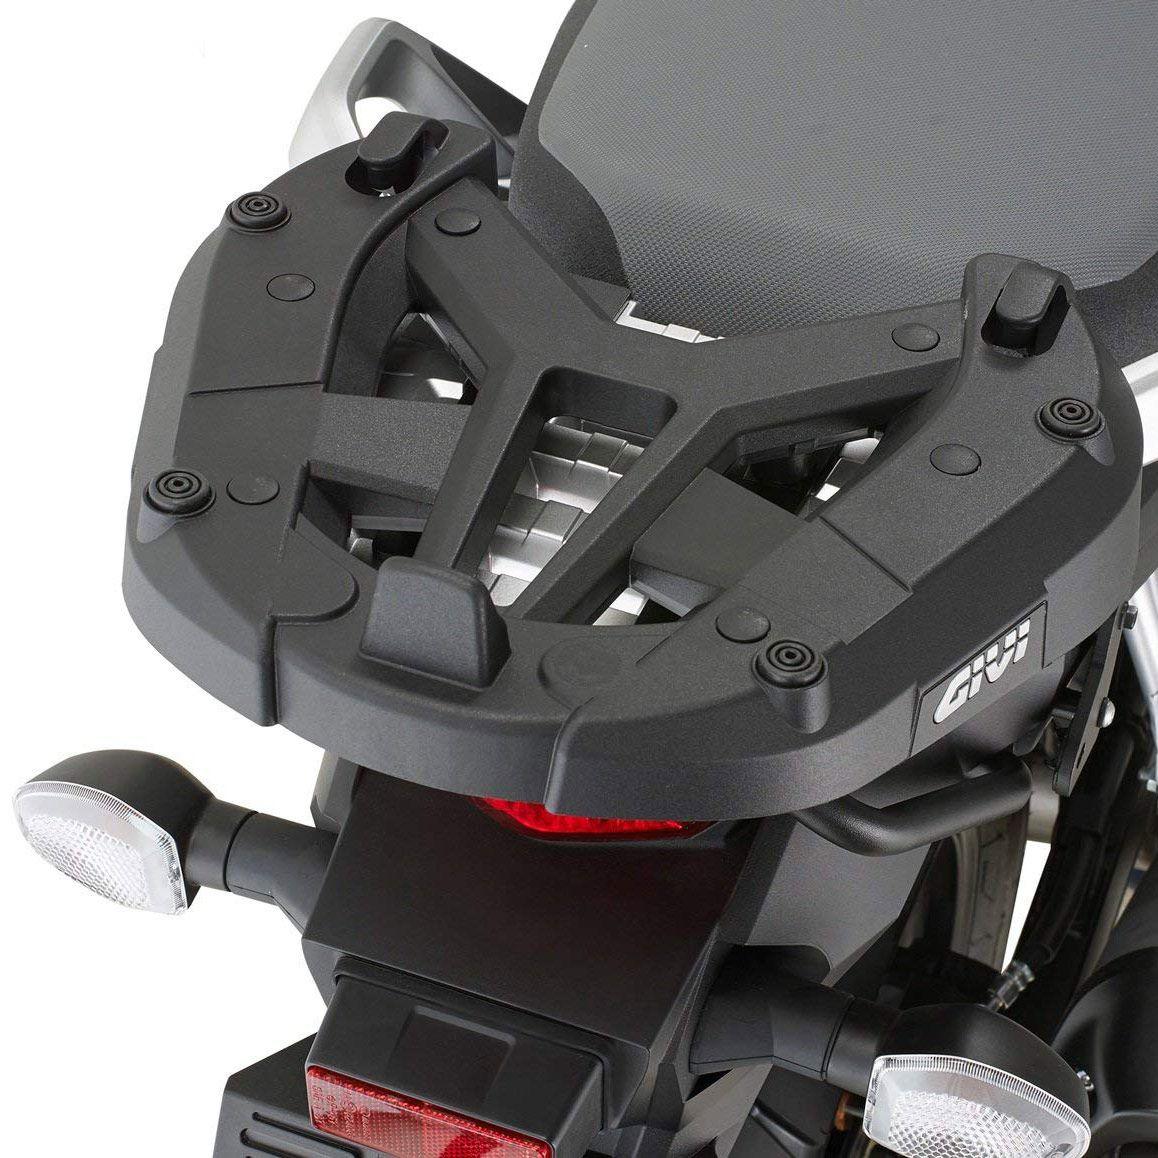 Base/Rack de baú Monokey Givi SR3112 para DL1000/DL650 2017 (Baús Importados)  - Pronta Entrega  - Nova Suzuki Motos e Acessórios